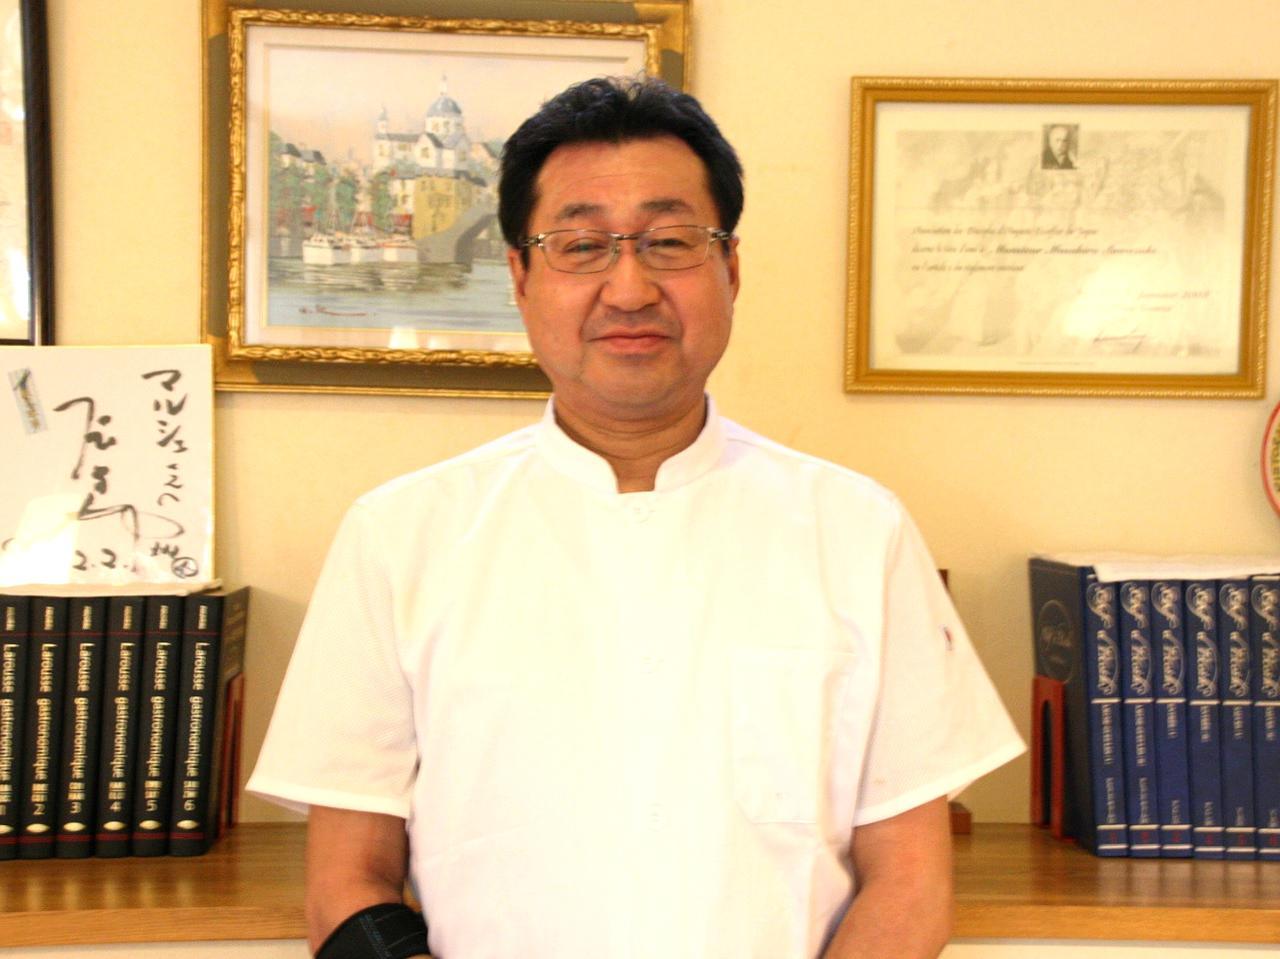 画像: 地元の北見出身の沢崎正弘さん。日本エスコフィエ協会の地区委員も務める